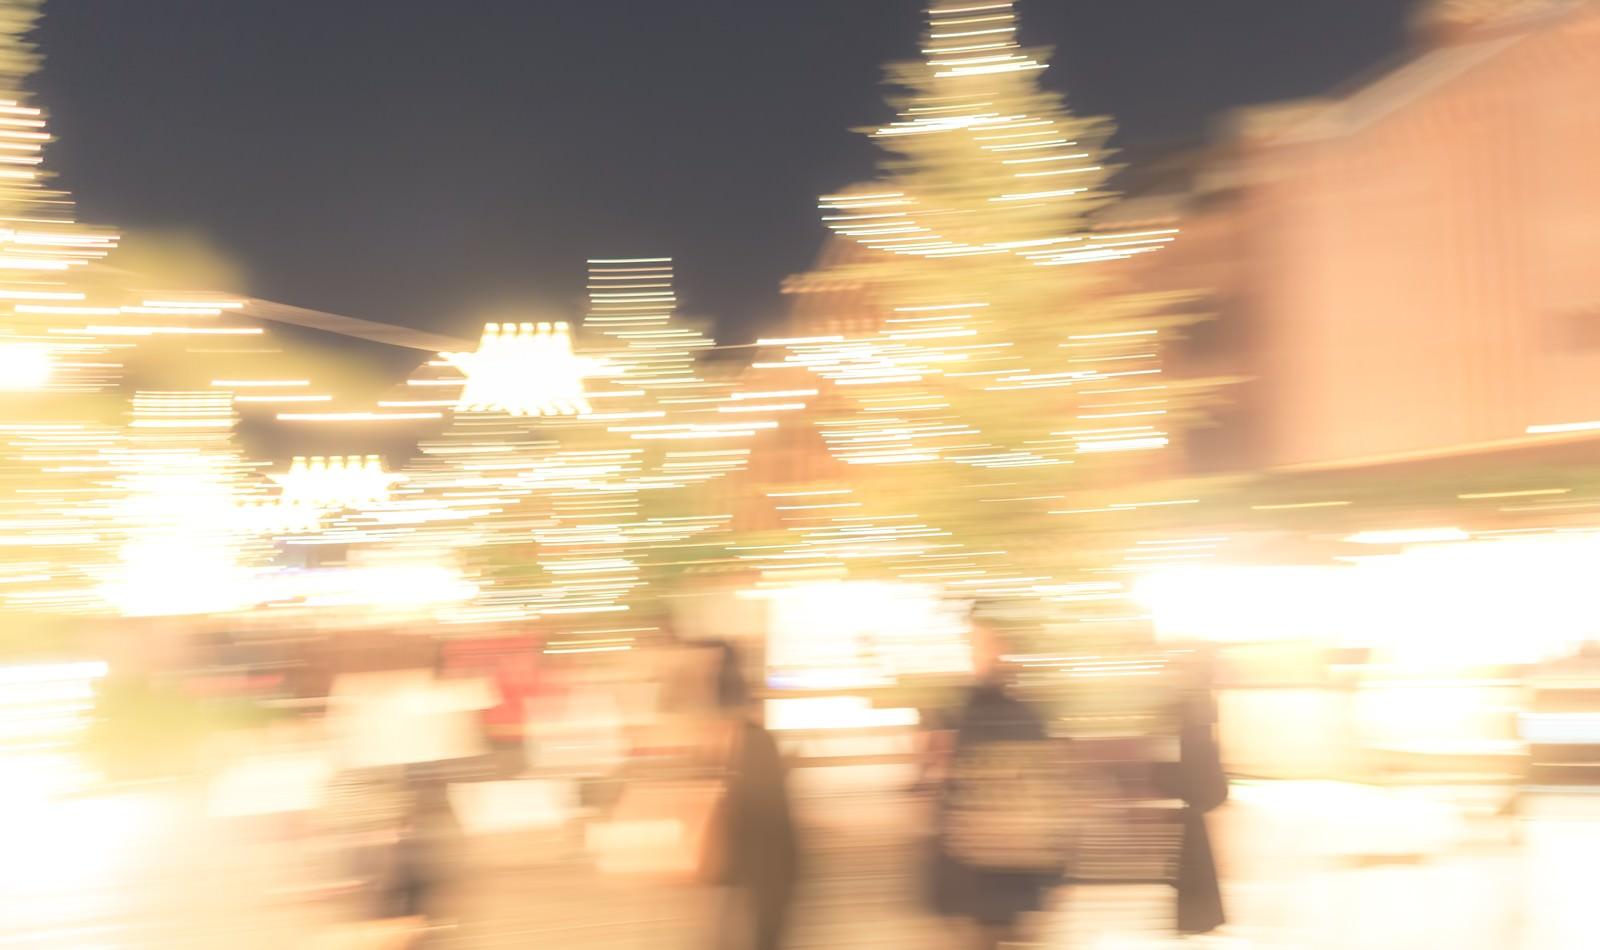 「人とイルミネーションの光人とイルミネーションの光」のフリー写真素材を拡大